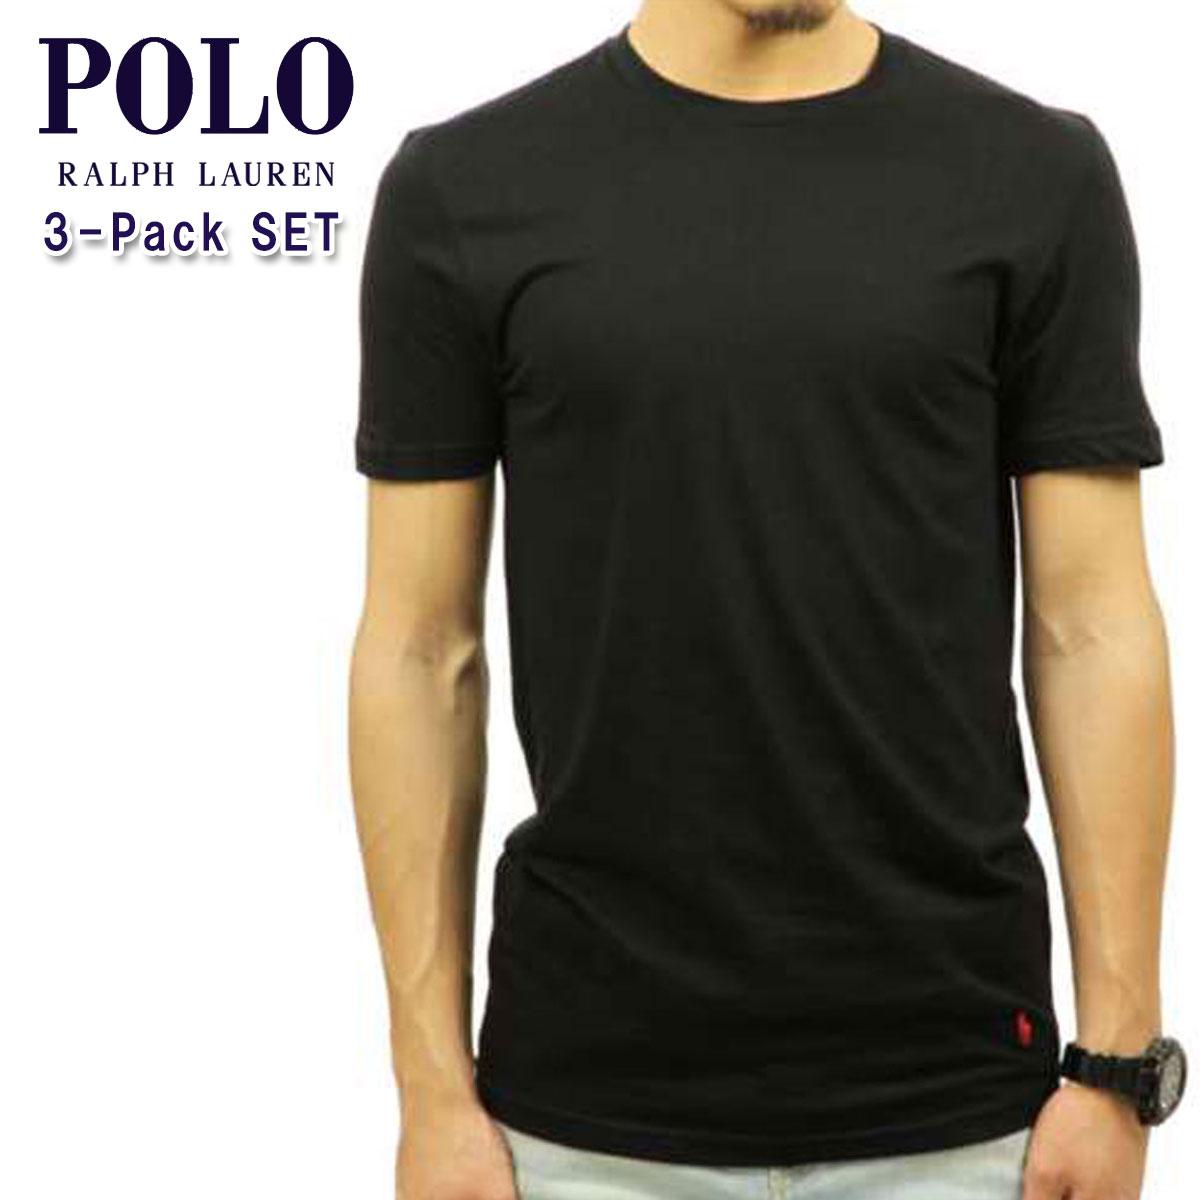 2a81cee8 Polo Ralph Lauren POLO RALPH LAUREN regular article men short sleeves crew  neck T-shirt